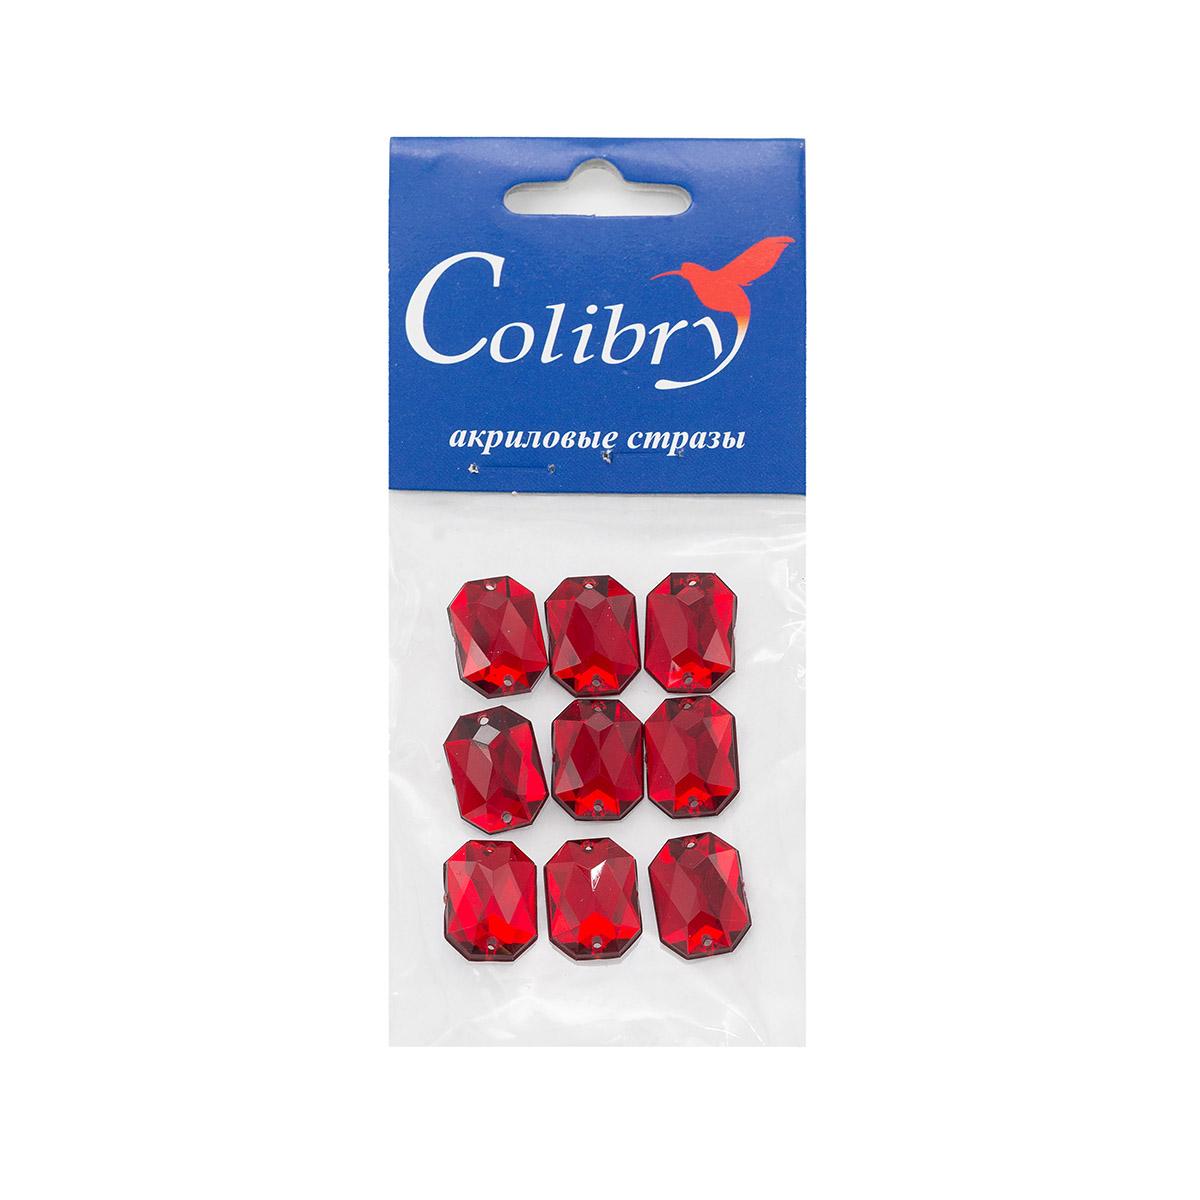 Oc10.14 Стразы акриловые Colibry